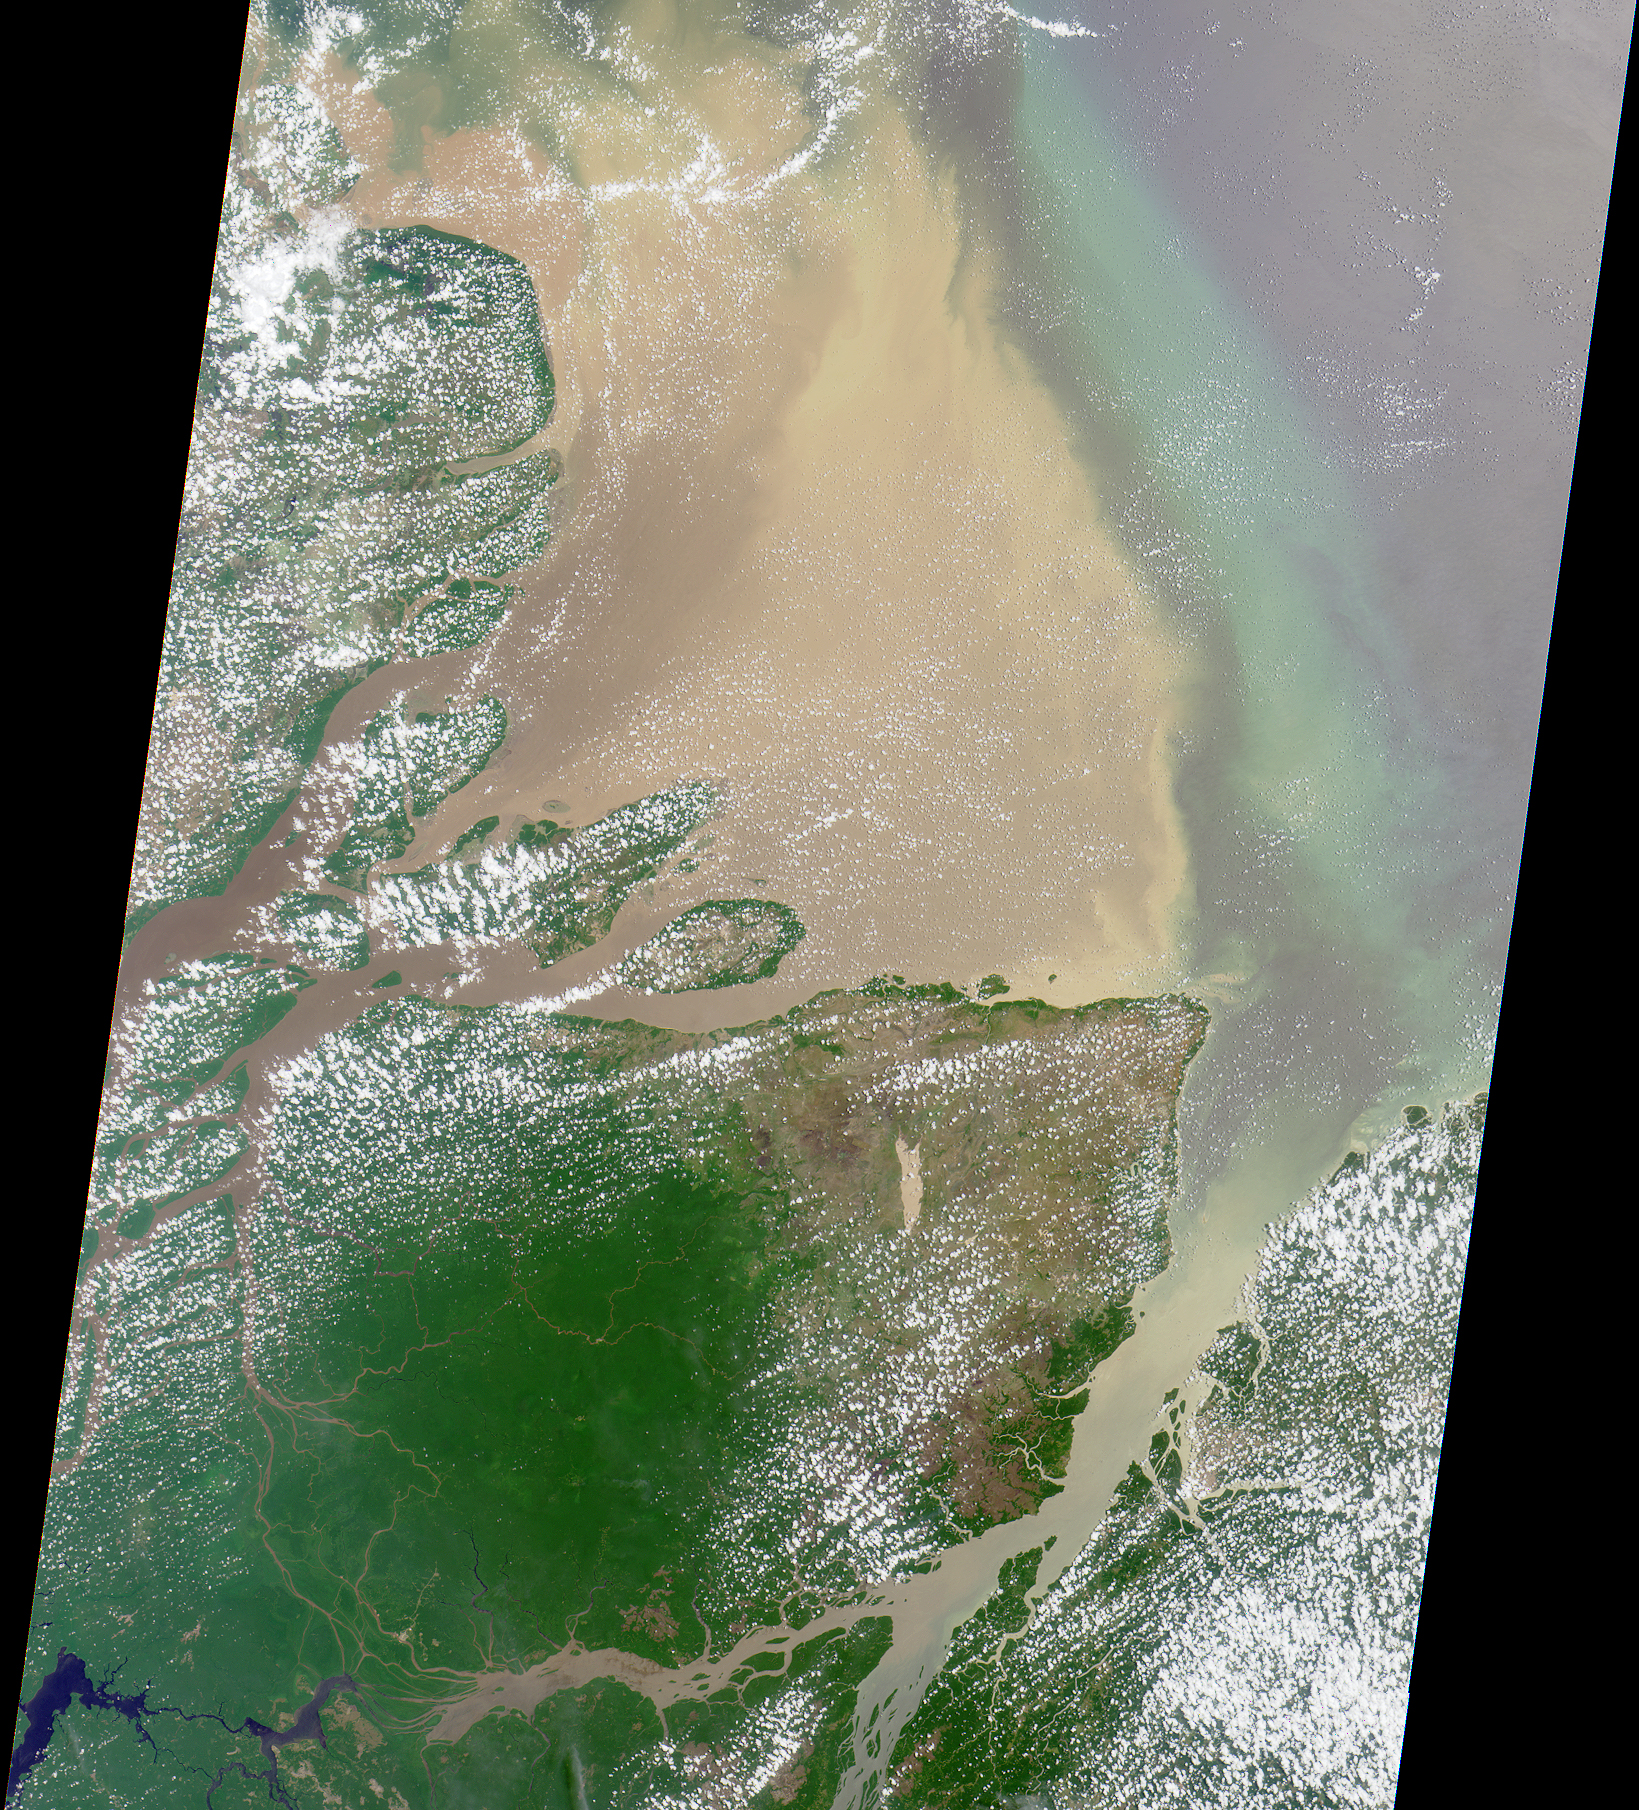 Desembocadura del río Amazonas